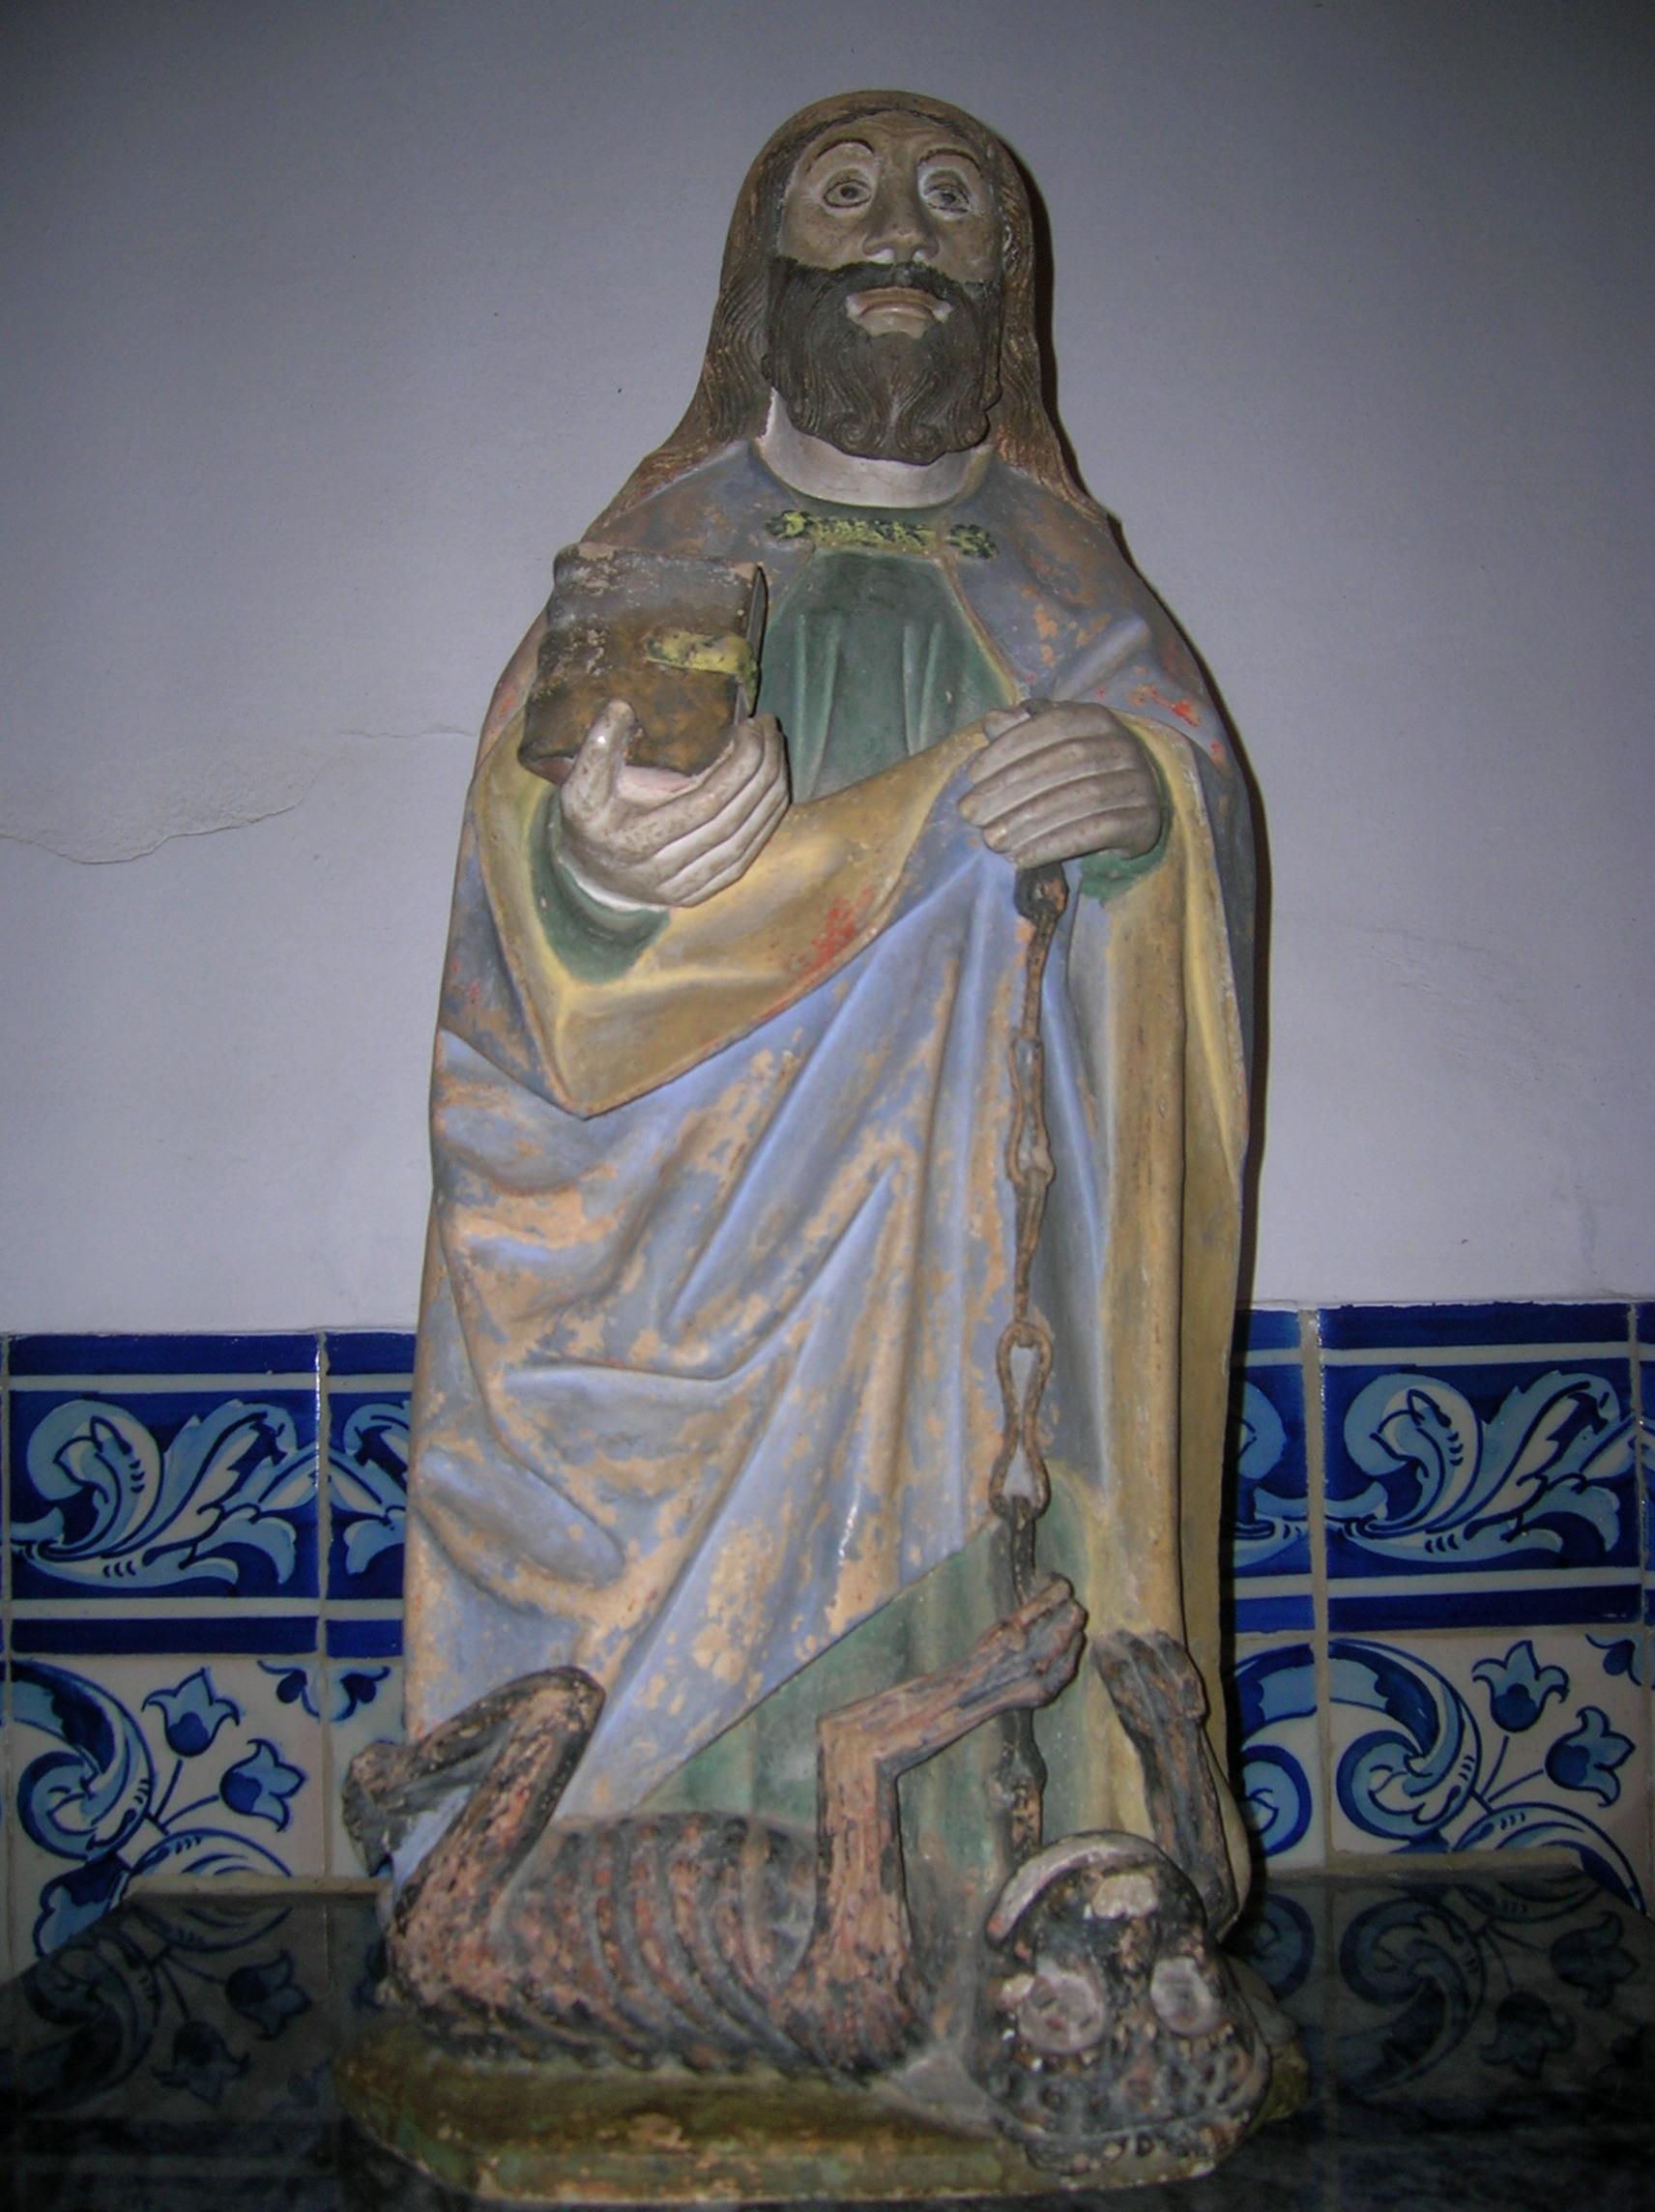 S. Bartolomeu. Vale da Pinta. Séc. XV ou XVI. Com a corrente que prende o diabo na mão esquerda, que simboliza o mal.